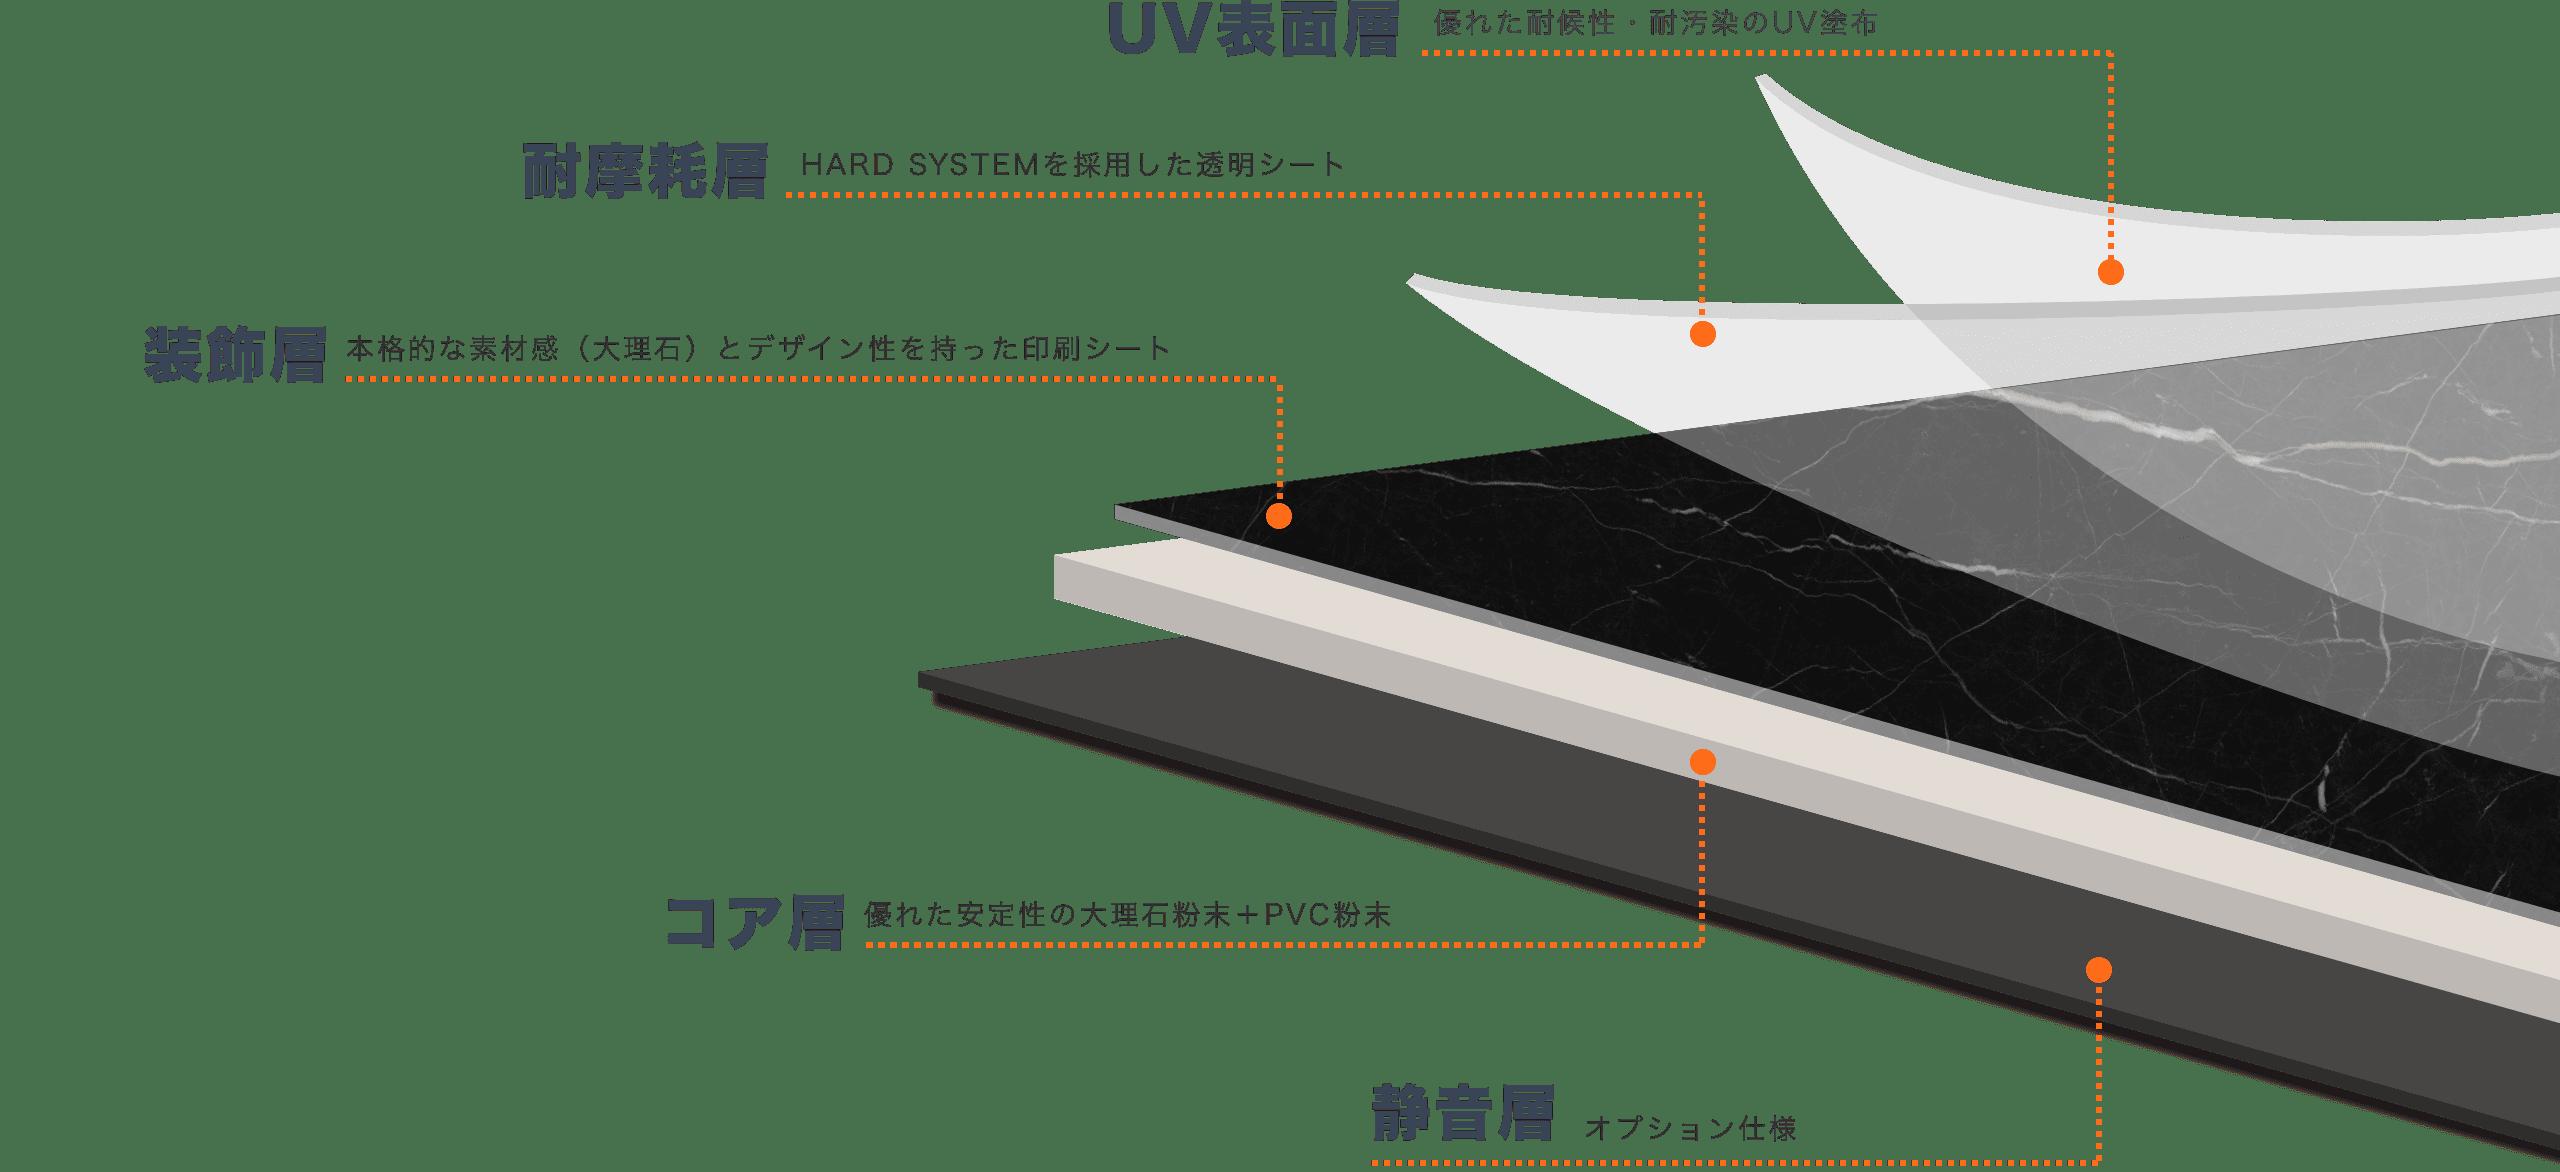 大理石調エコストーンフローリング(SPC)の構造画像